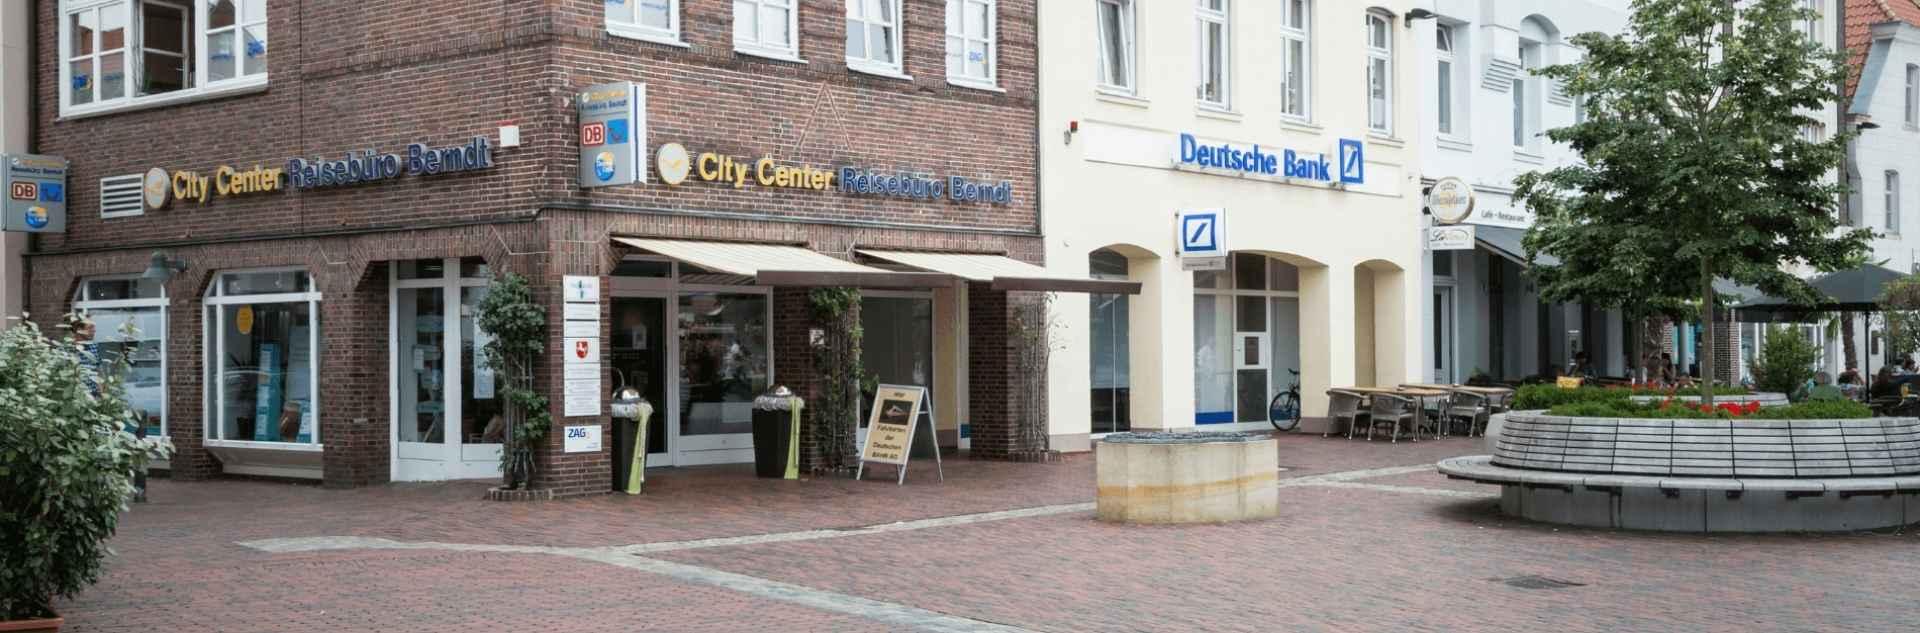 Reisebüro Berndt Lingen Außenansicht